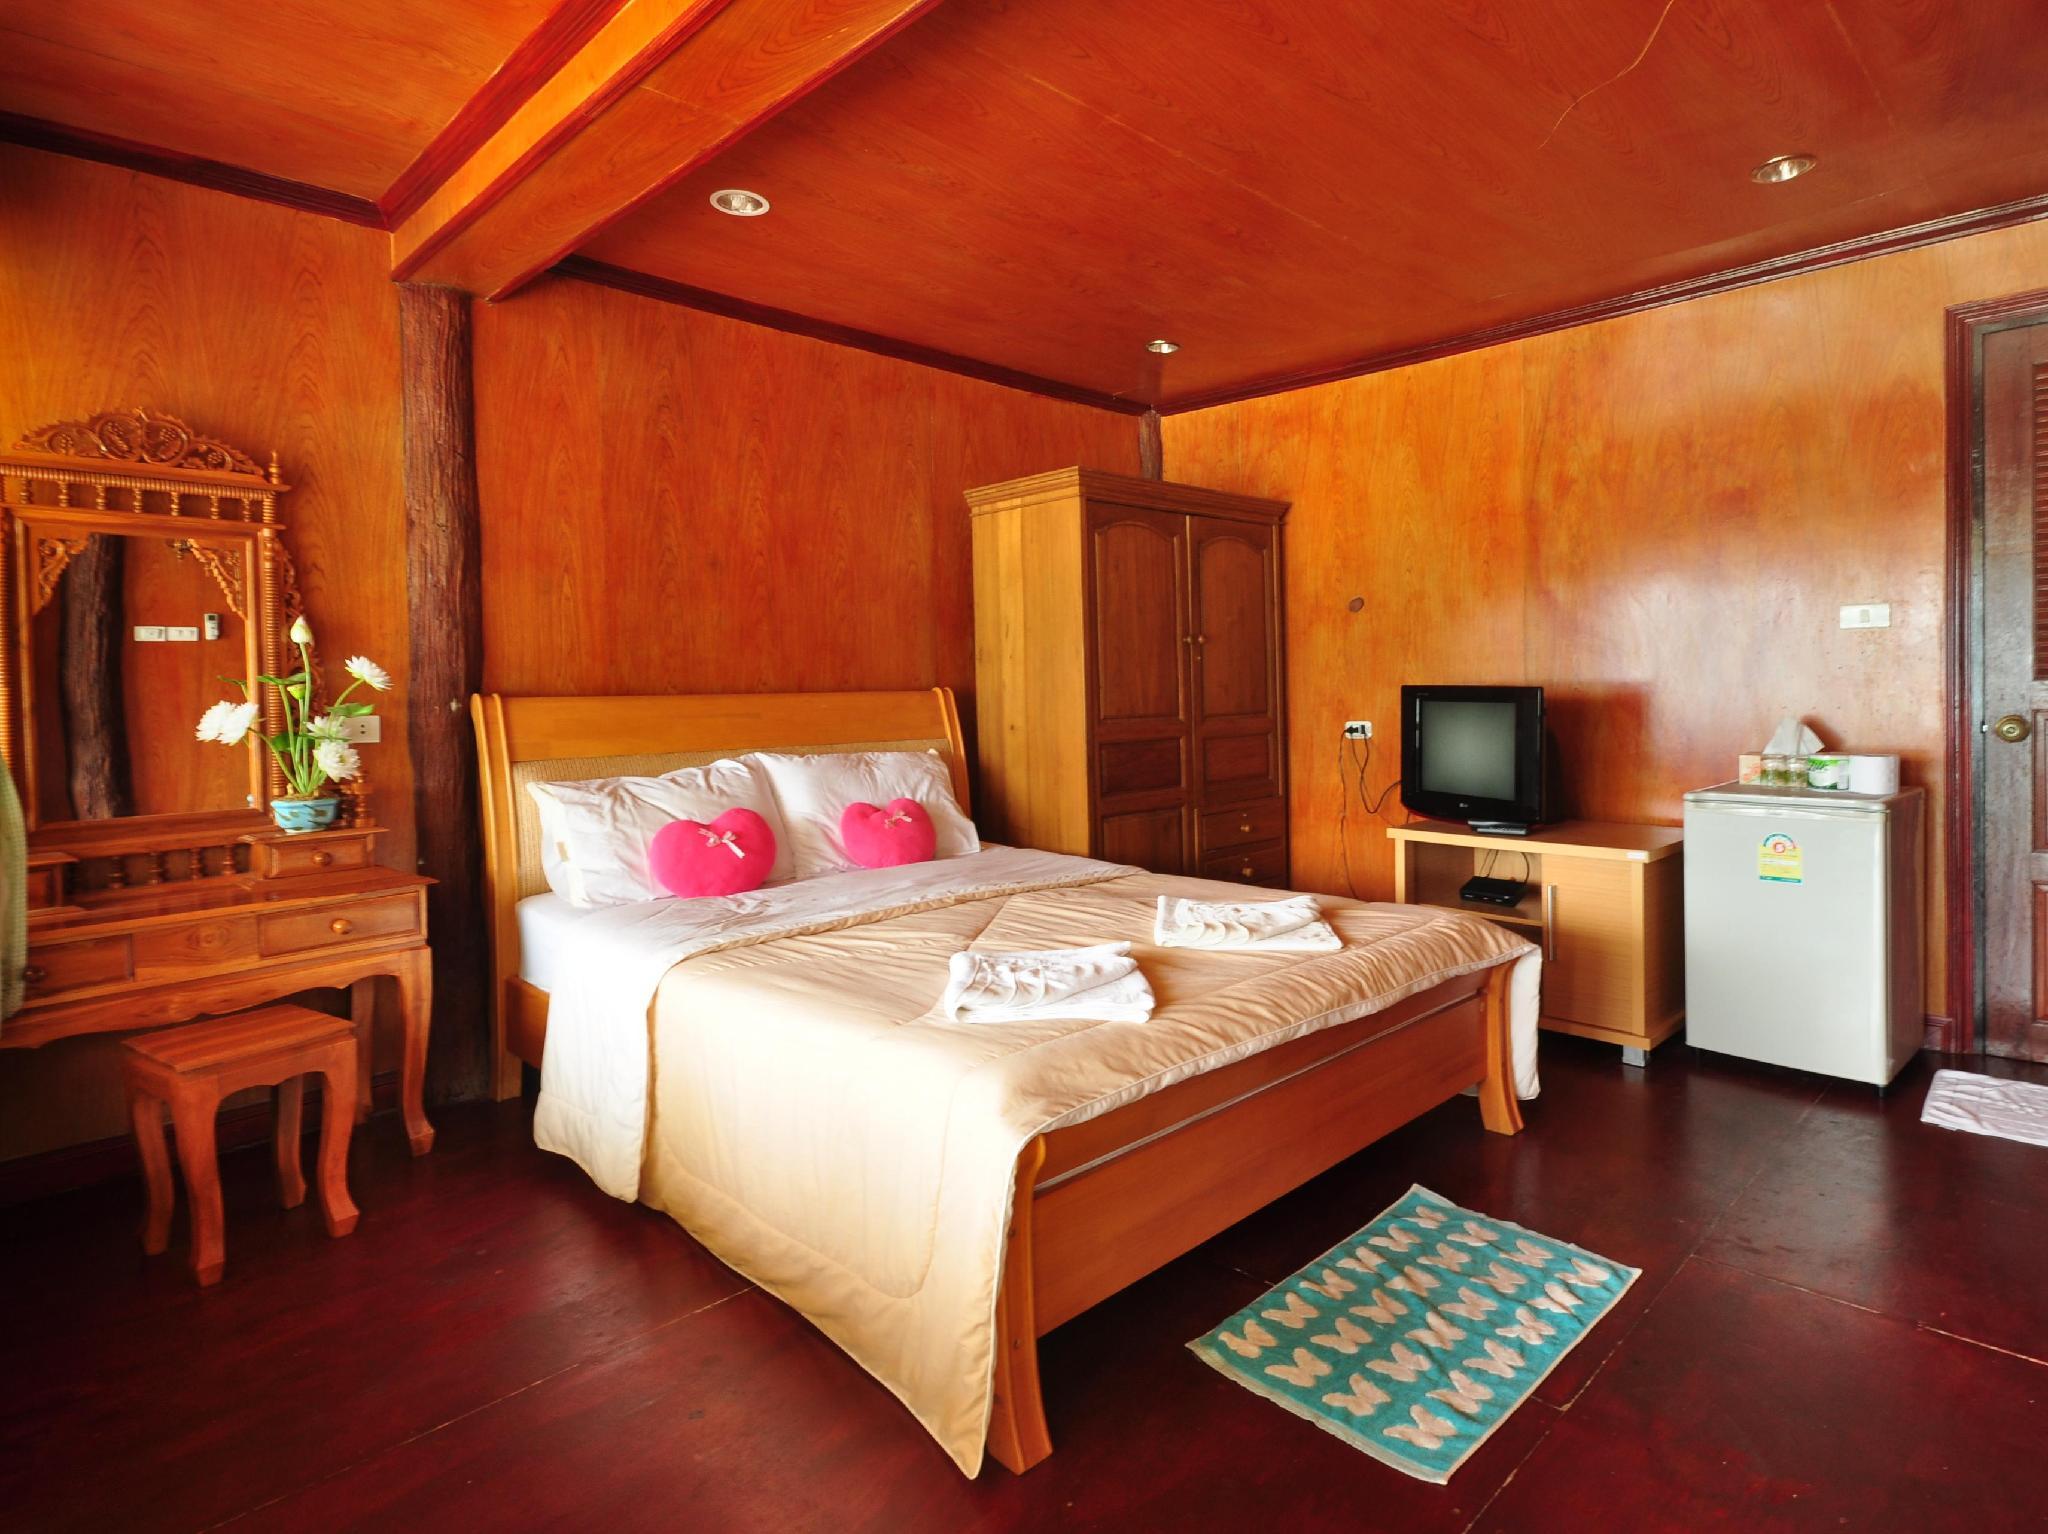 phi phi popular beach resort